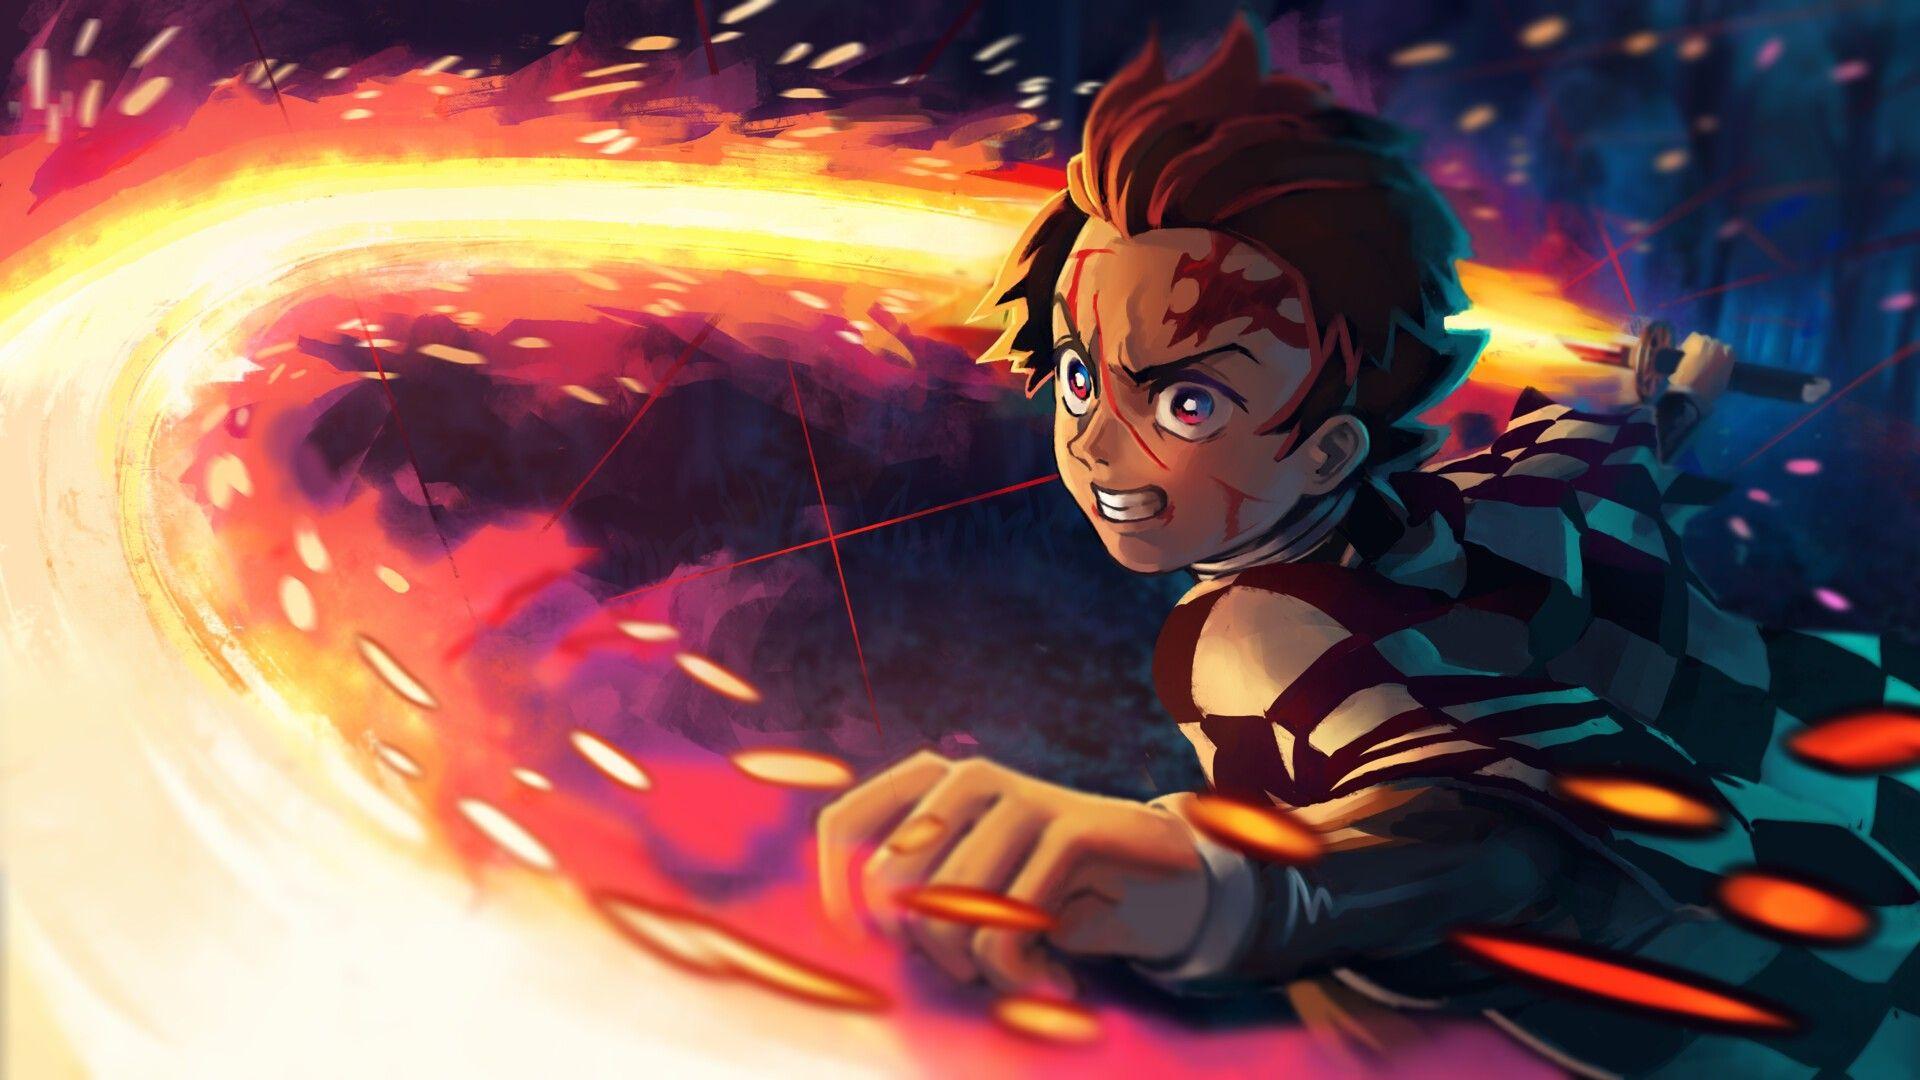 Tanjiro Cool anime wallpapers, Anime, Anime demon